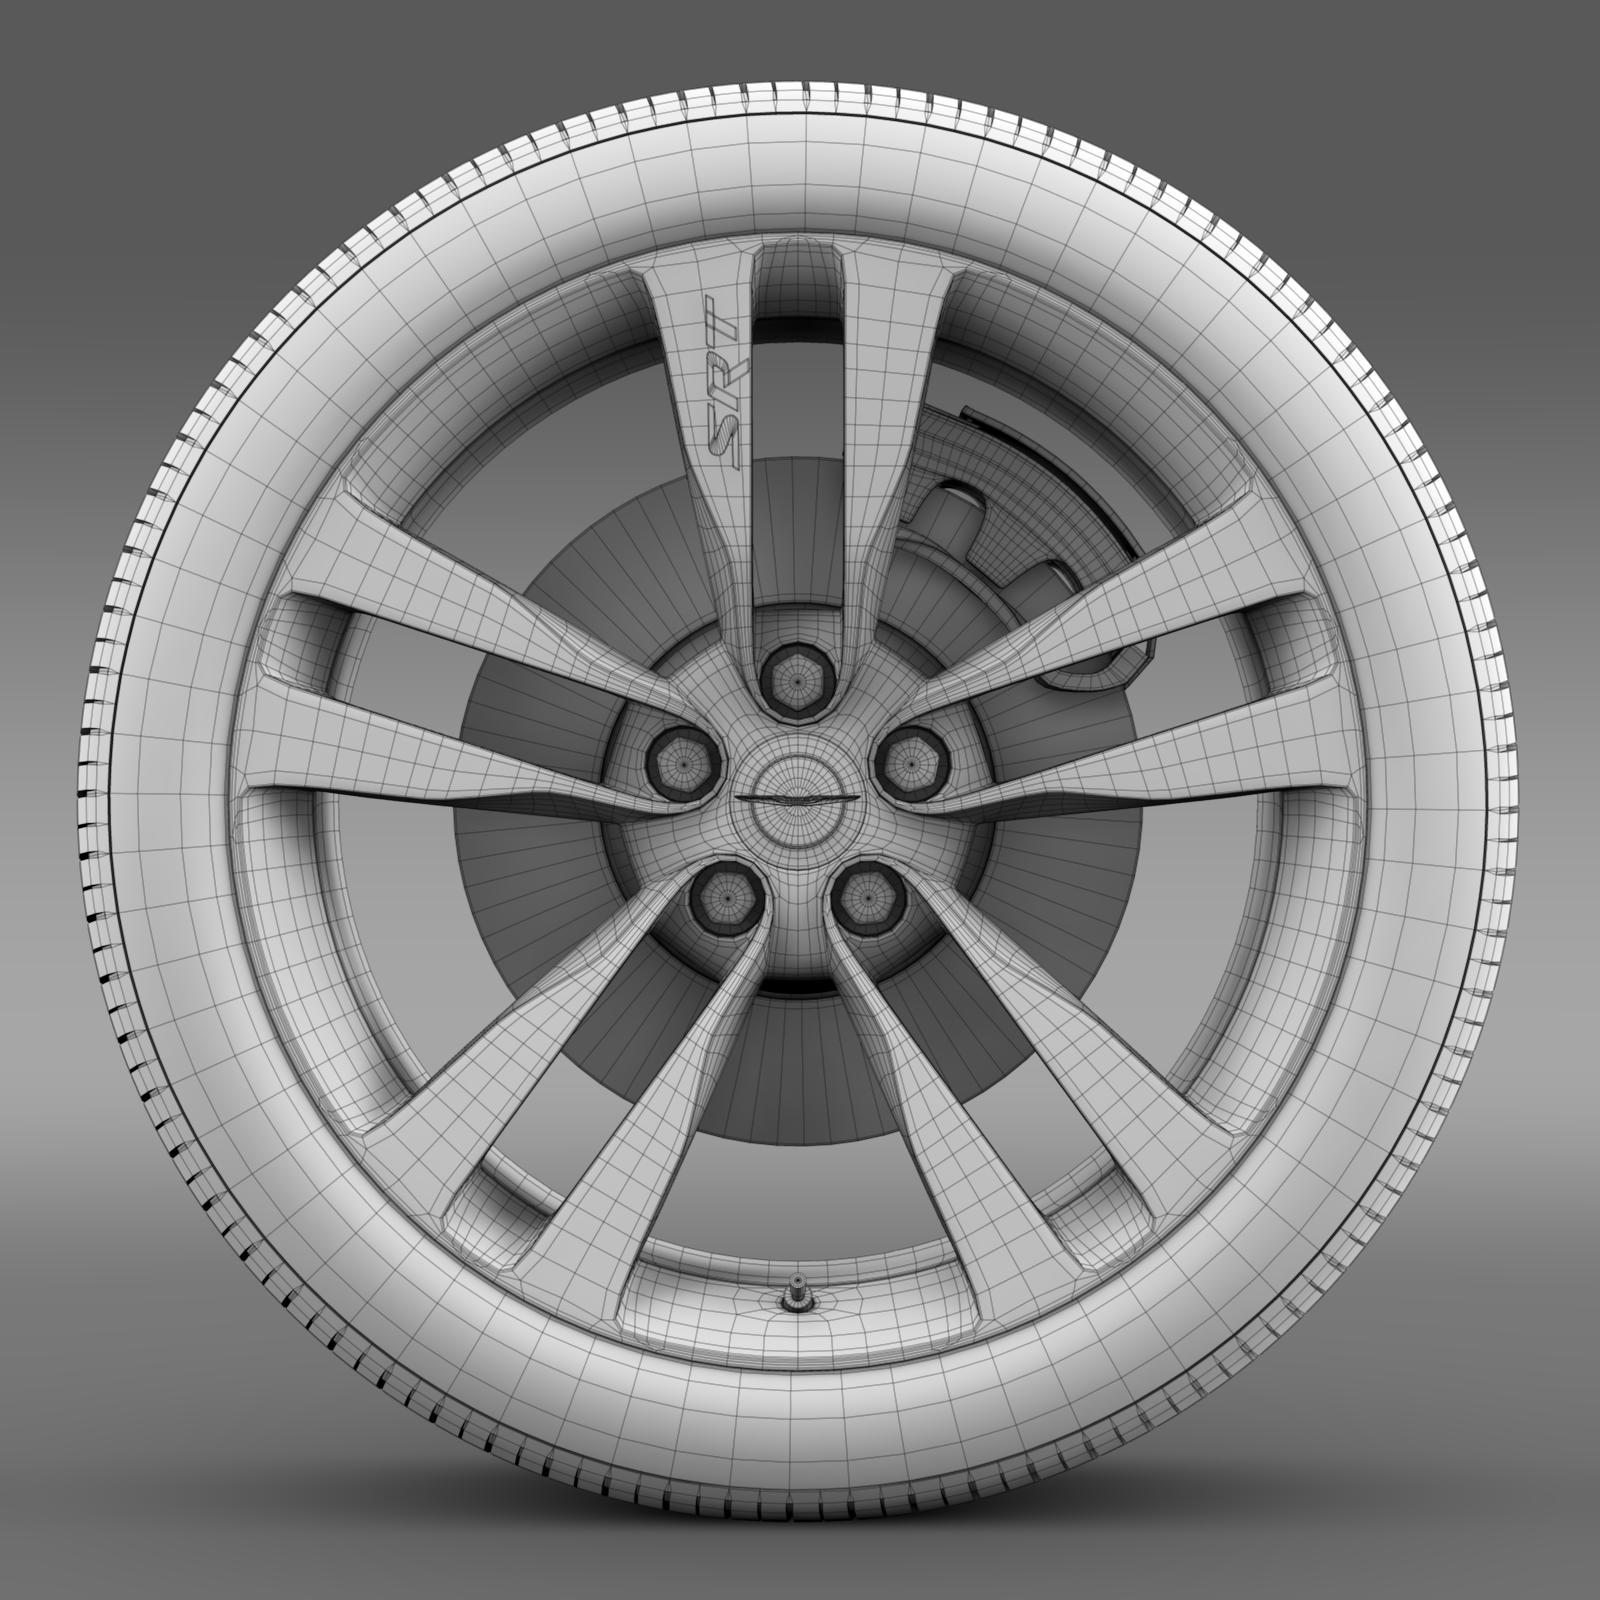 chrysler 300 srt8 satin vapor wheel 3d model 3ds max fbx c4d lwo ma mb hrc xsi obj 210649